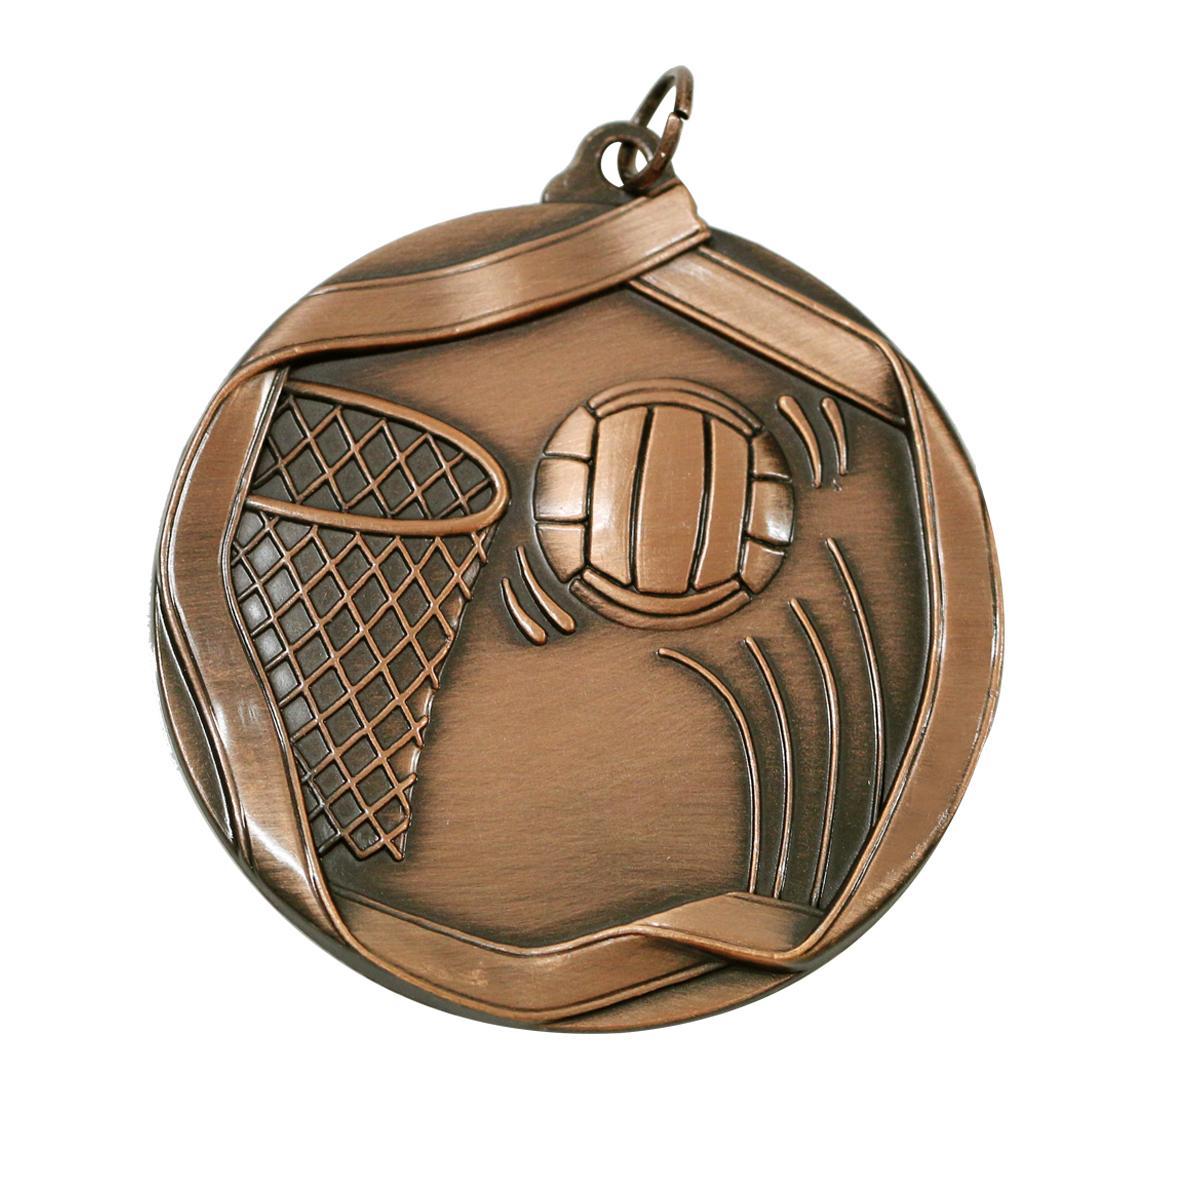 Hình ảnh Huy chương bóng rổ MS621AG 6cm (Gold)